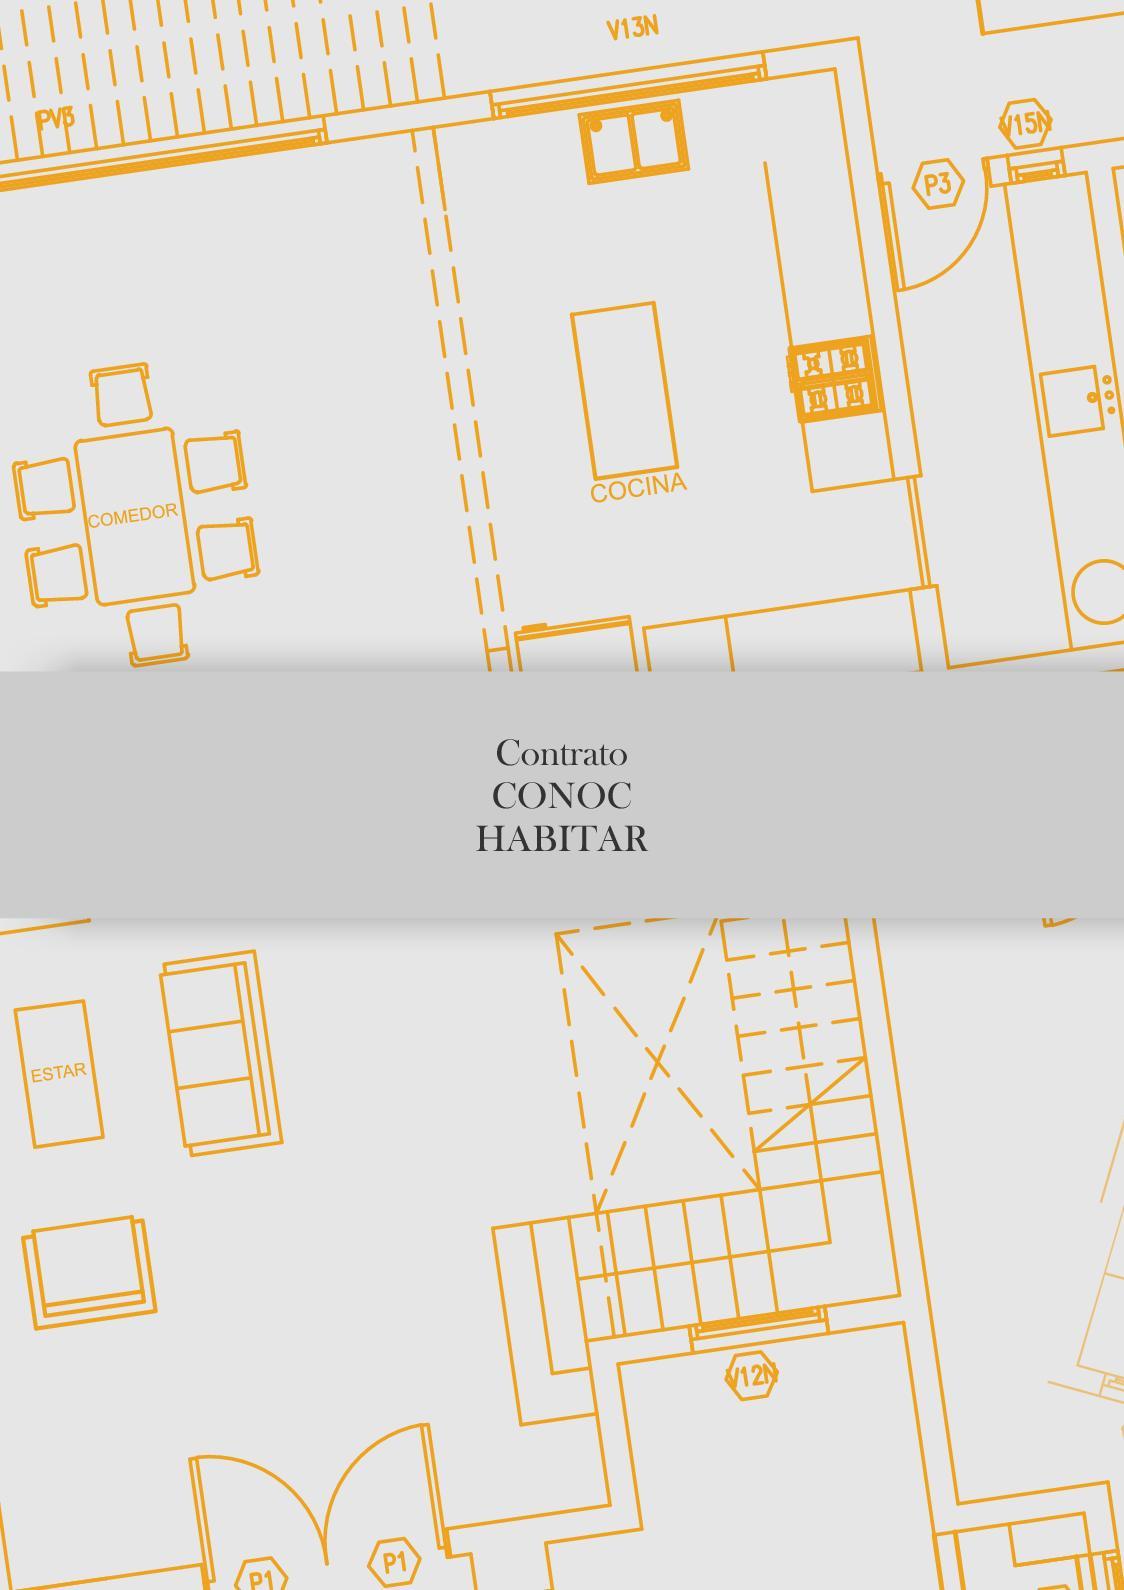 Contrato CONOC Habitar